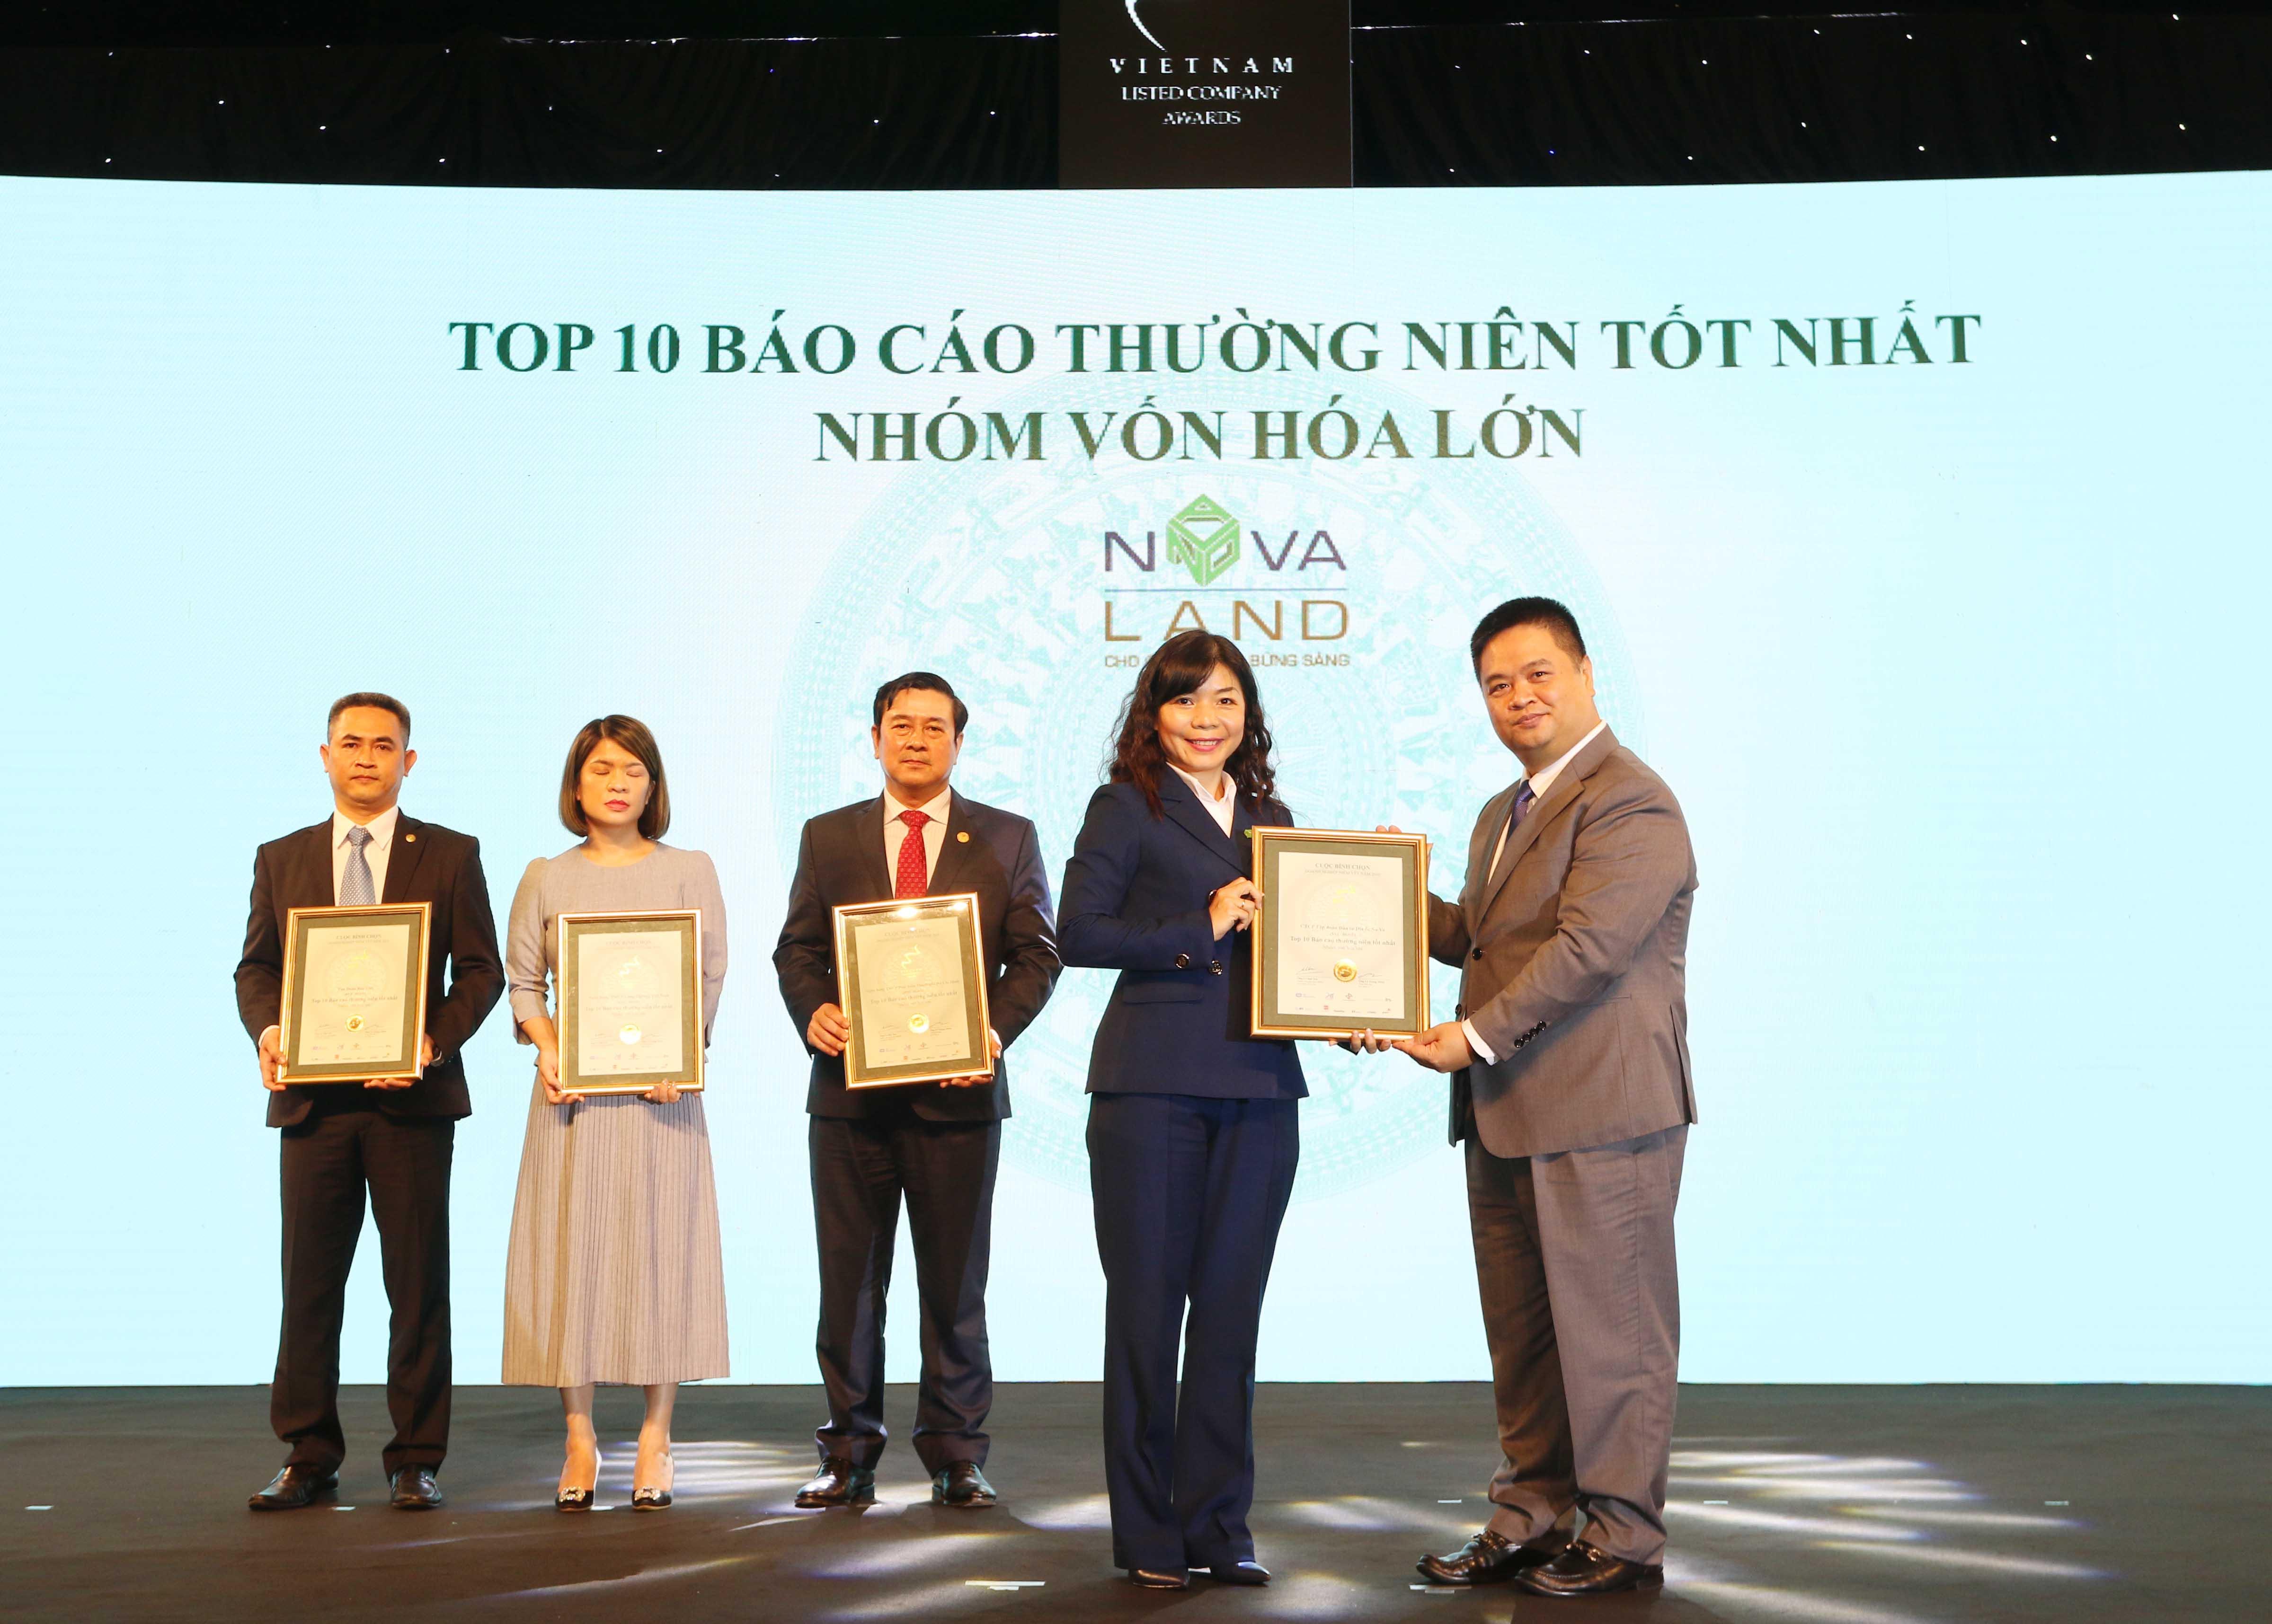 https://www.aravietnam.vn/wp-content/uploads/2020/12/30_Dại-diện-Novaland-nhận-TOP-10-DNNY-nhóm-vốn-hóa-lớn-có-BCTN-tốt-nhất.jpg